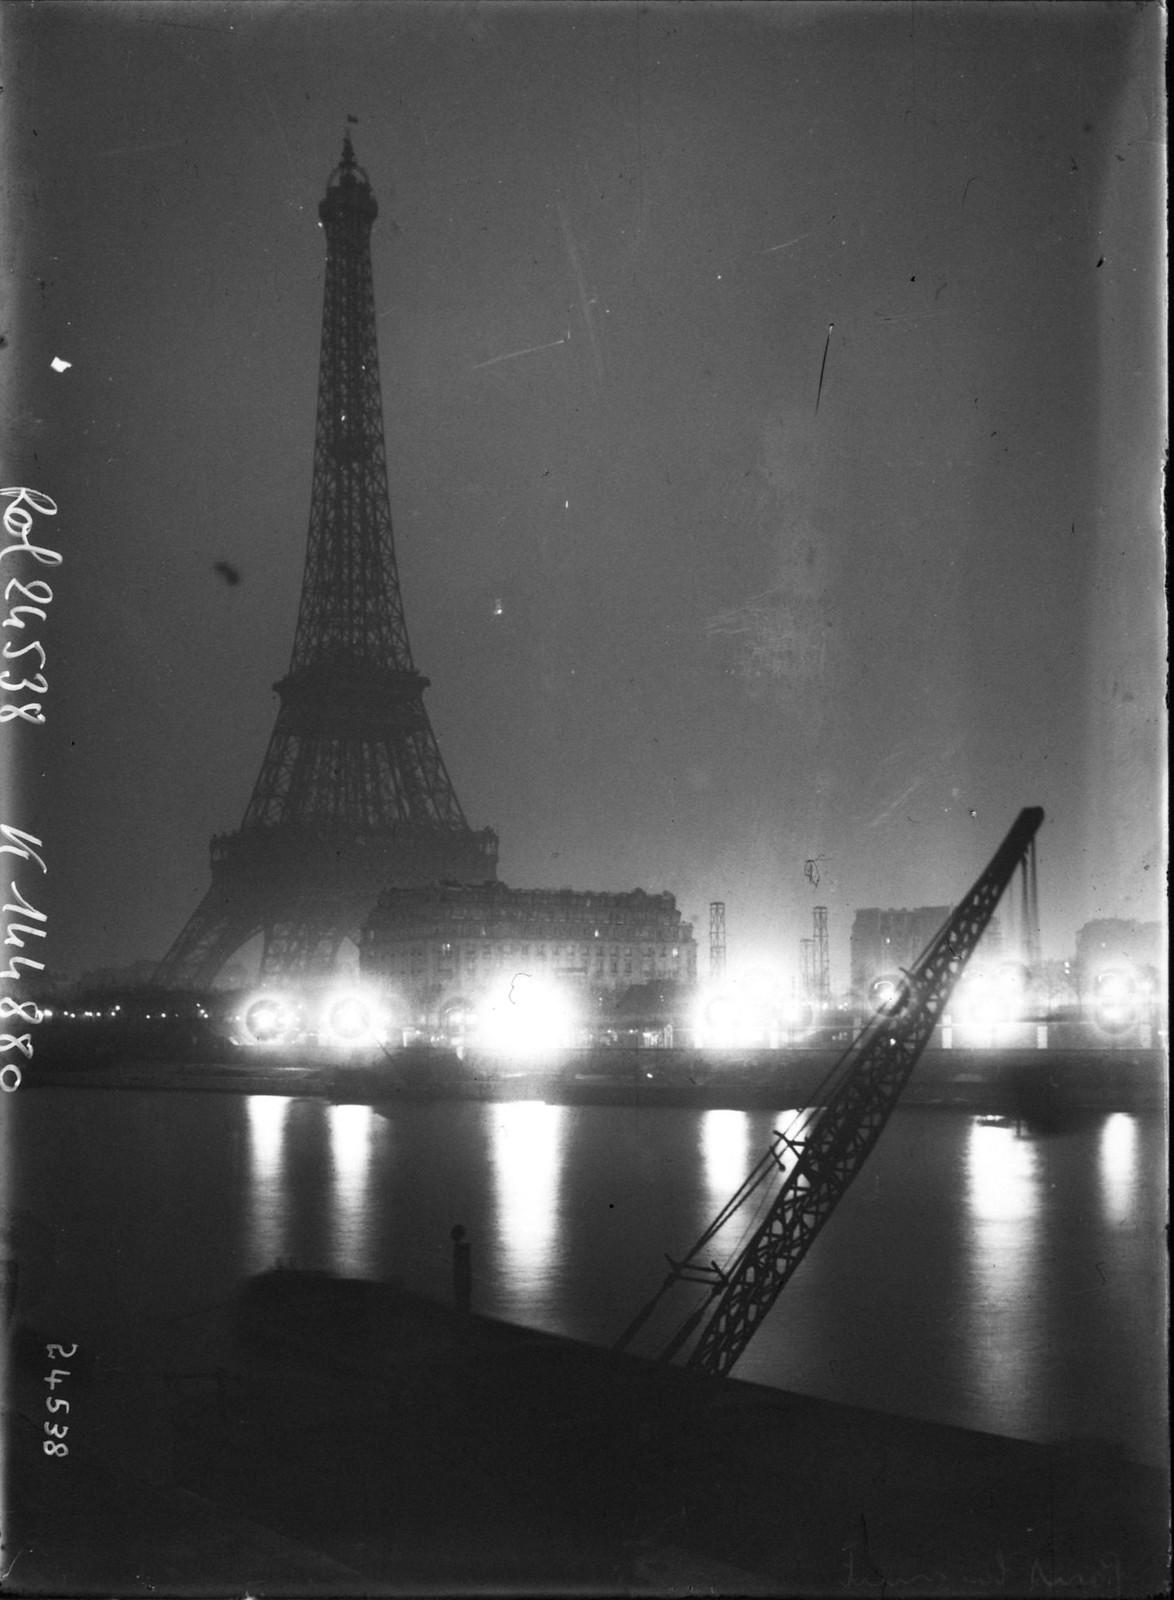 1912. Ночной Париж. Вид на Сену и Эйфелеву башню